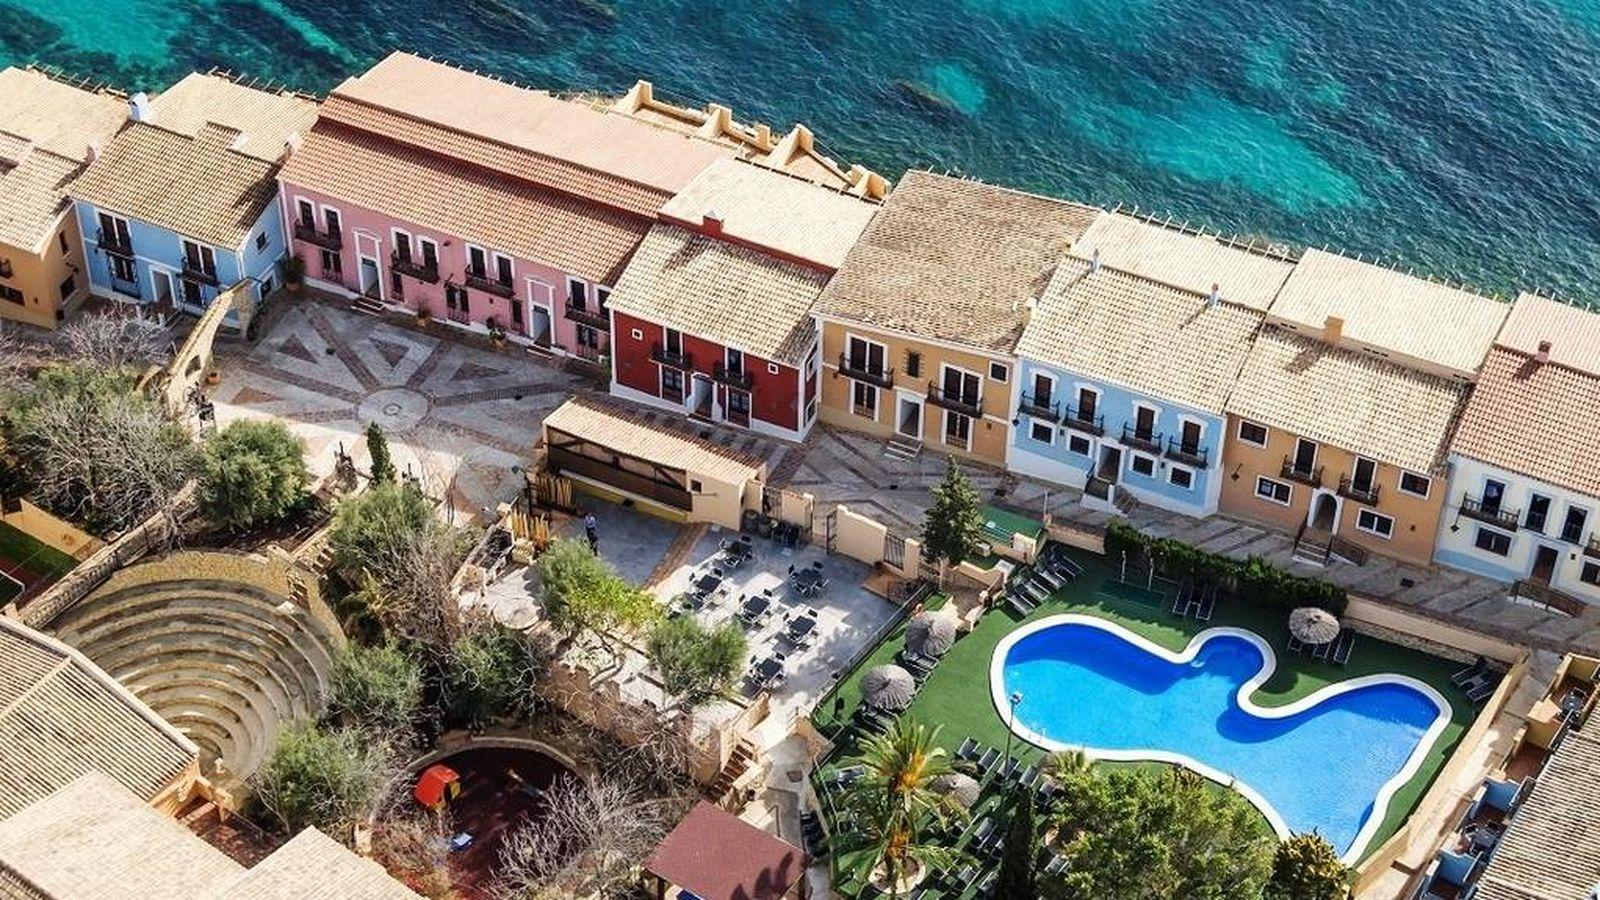 Foto: Este rincón idílico del Mediterráneo puede ser tu próximo destino. (Foto: Pueblo Acantilado Suites)